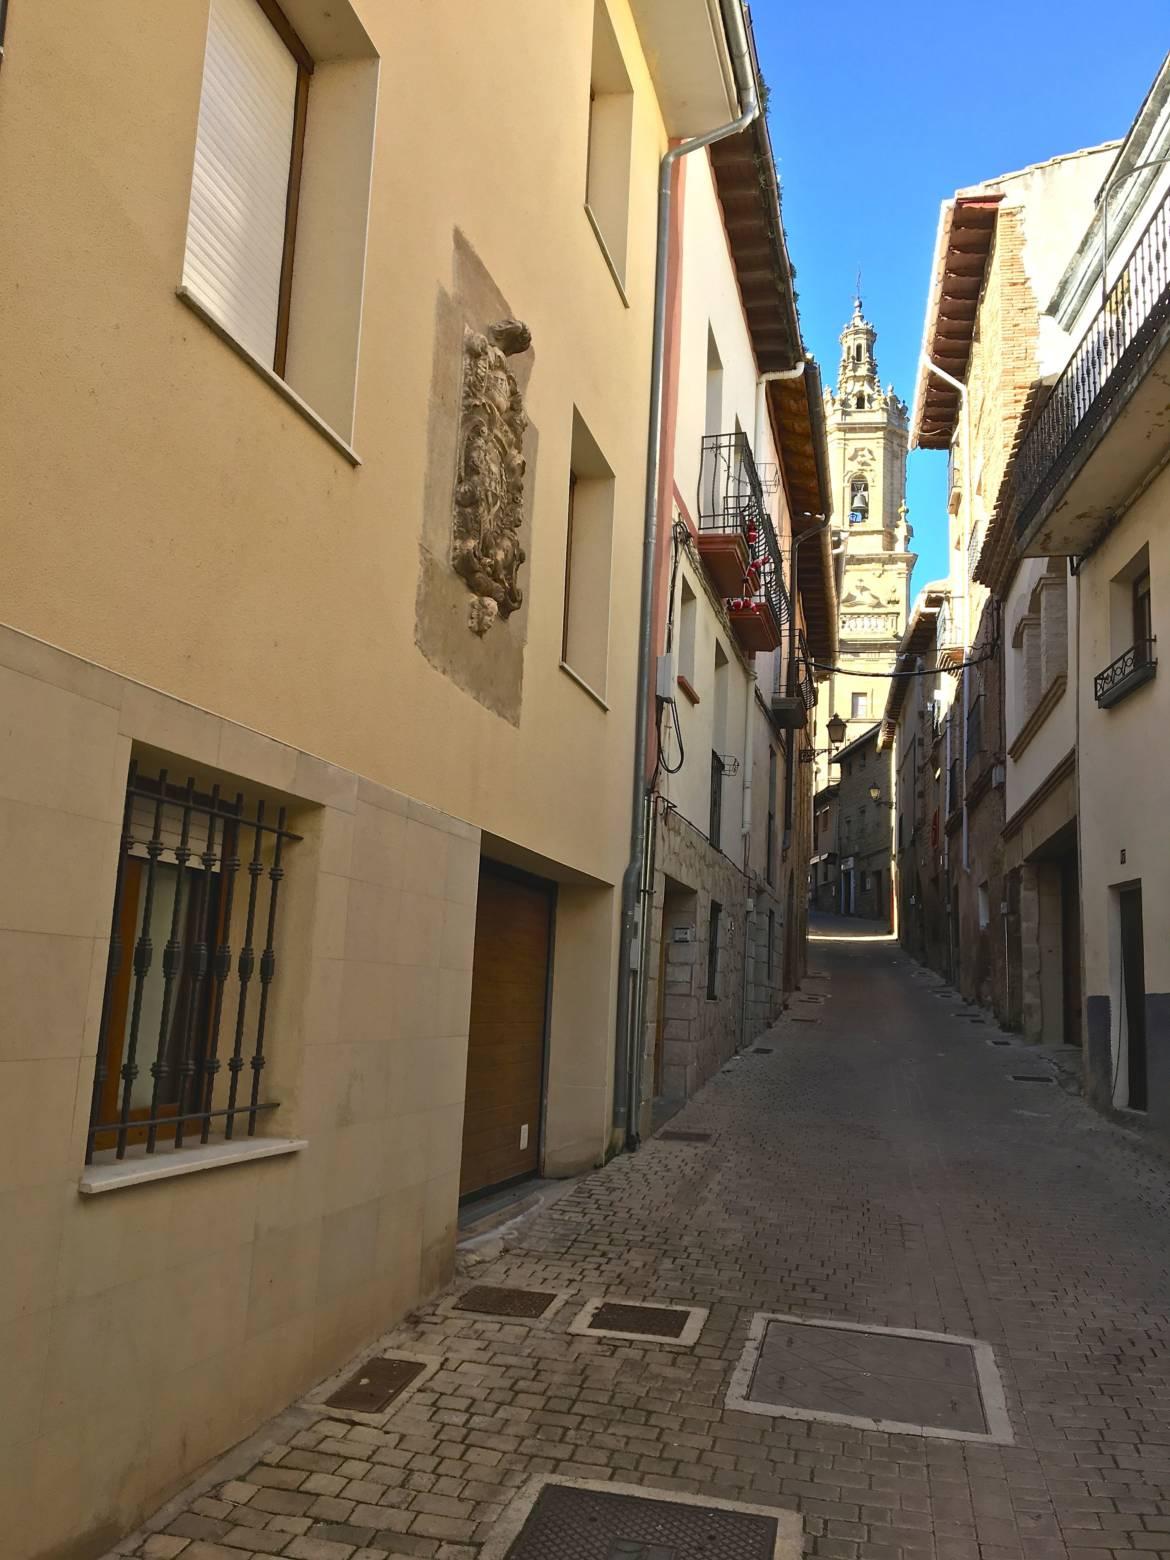 Alquiler-puente-vacaciones-casas-rurales-grandes-Navarra-Orbara-Etxea-Mendigorria-25.jpg